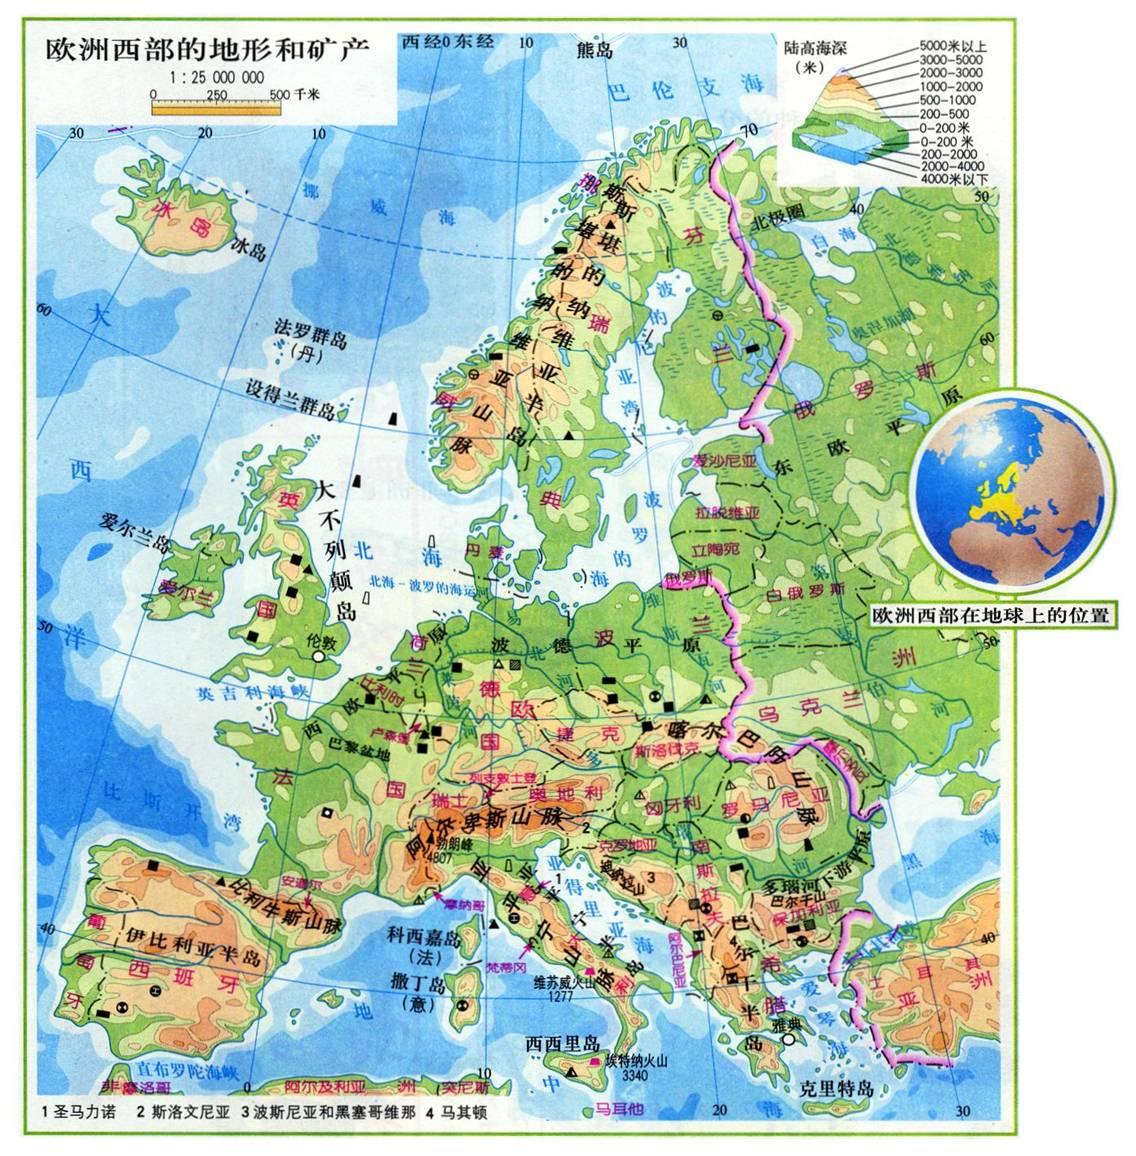 欧洲地图全图大图_欧洲冰岛高清中文地图